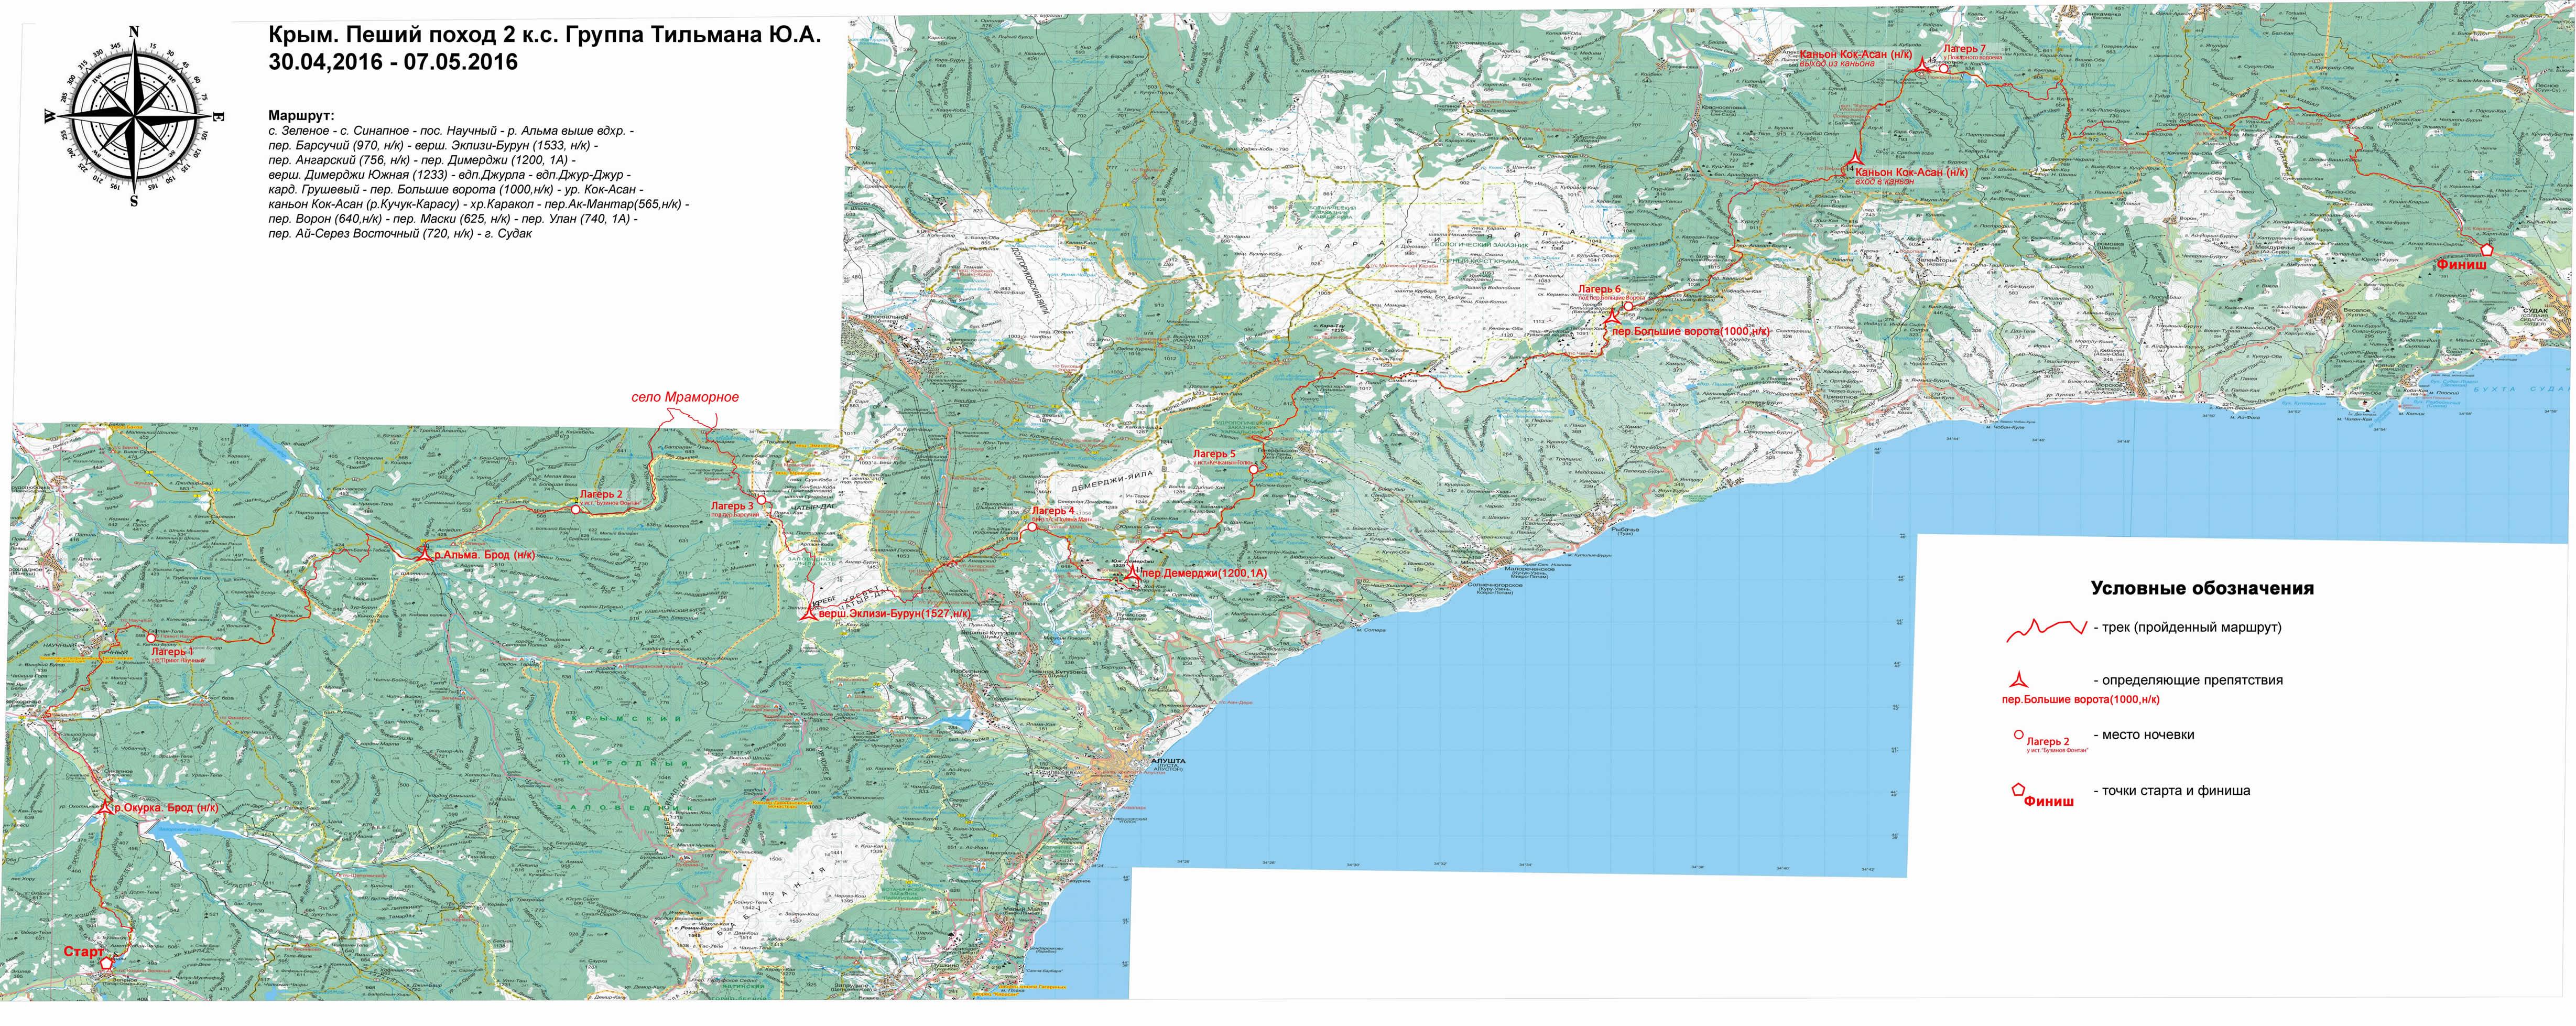 Отчет о пешем походе 2 к.с. по Республике Крым